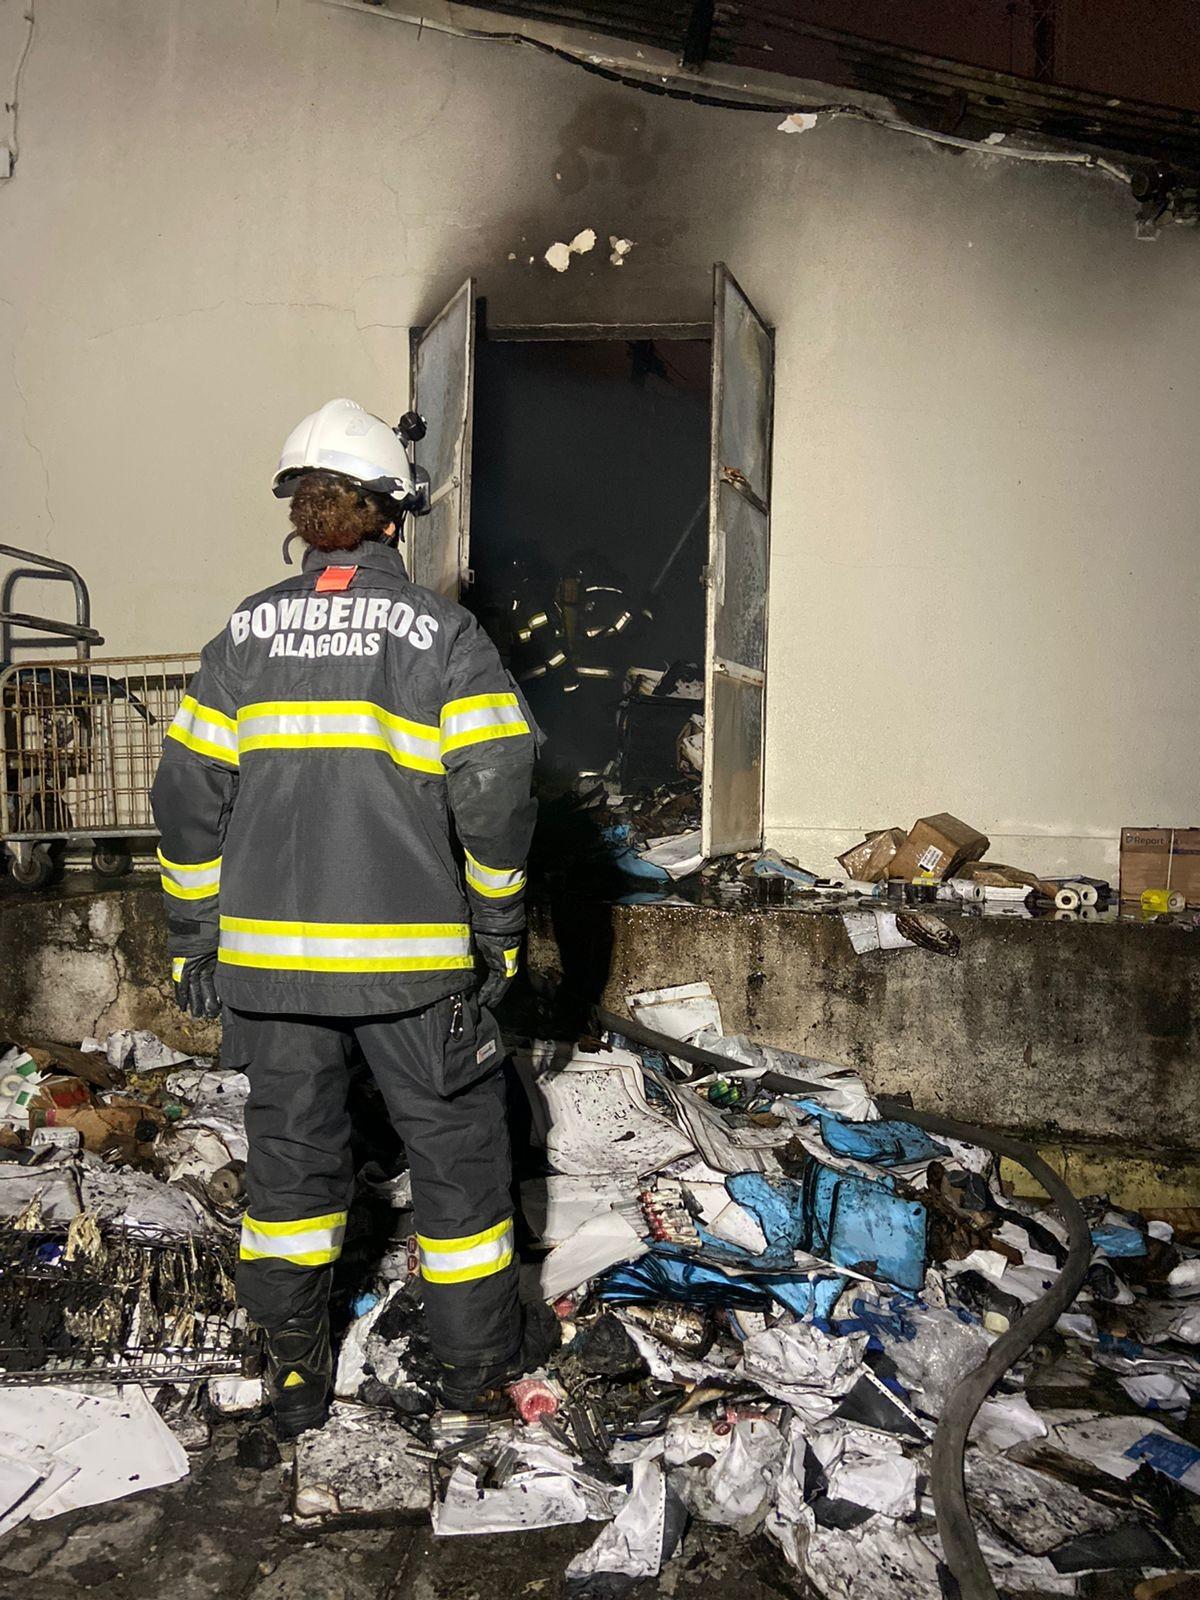 Bombeiros são acionados para combater incêndio na Santa Casa de Maceió